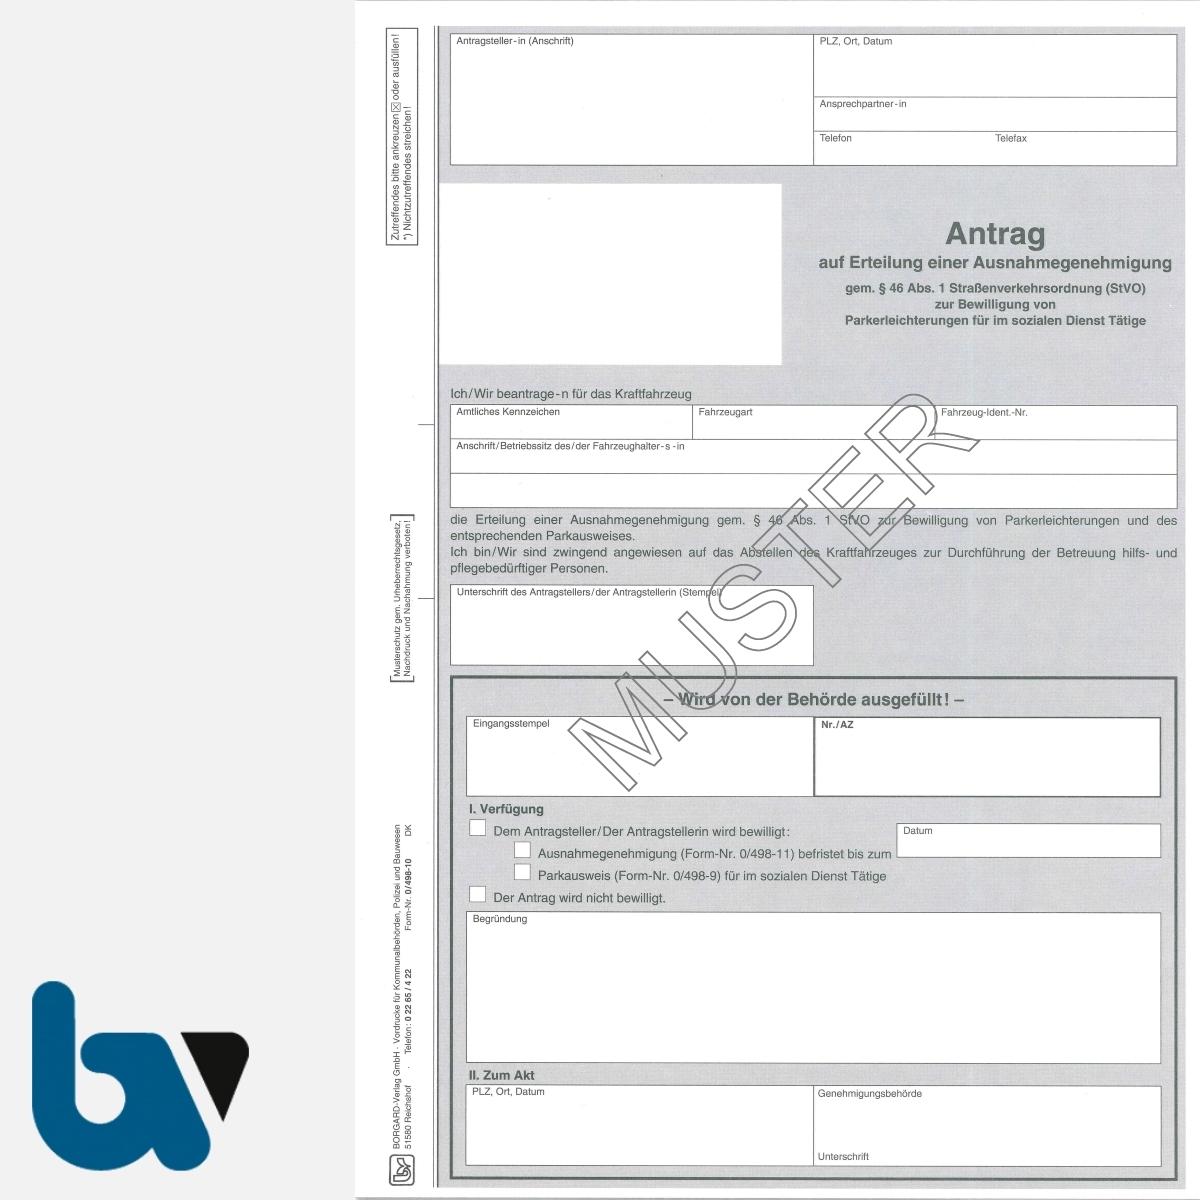 0/498-10 Antrag Erteilung Ausnahmegenehmigung 46 Straßenverkehrsordnung StVO Bewilligung Parkerleichterung soziale Dienst selbstdurchschreibend DIN A4 2-fach | Borgard Verlag GmbH